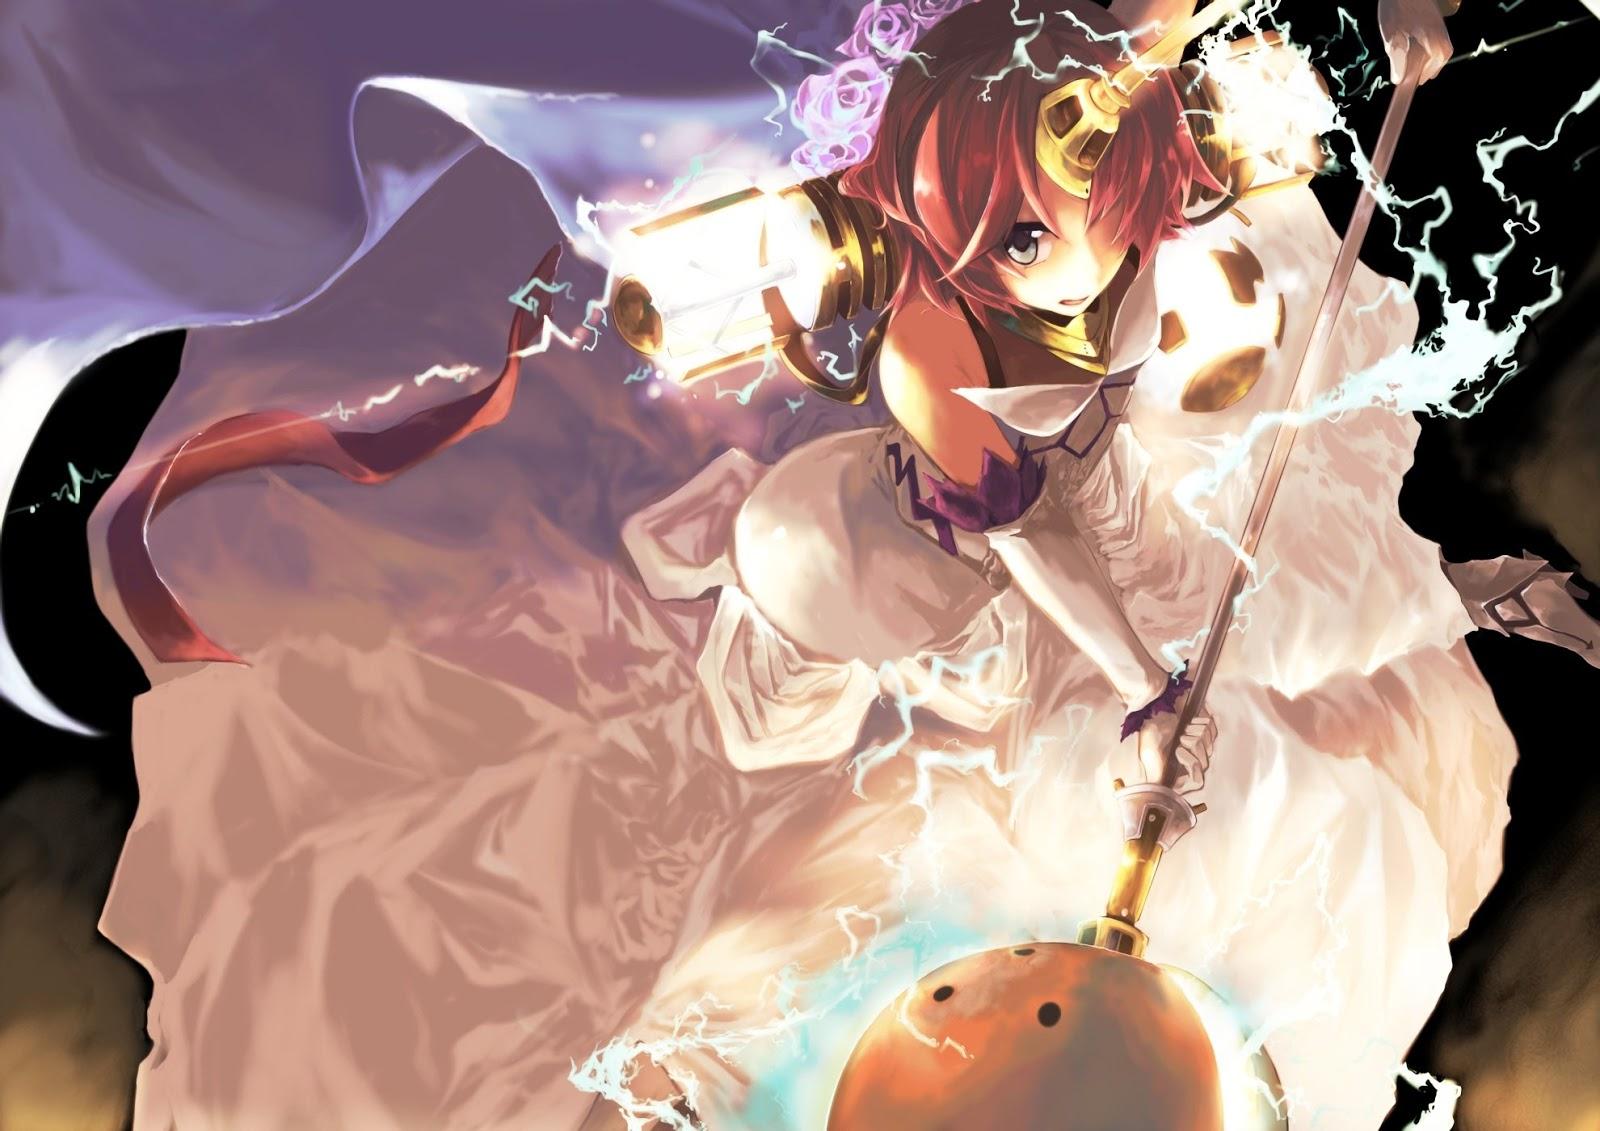 Fate AowVN%2B%252824%2529 - [ Hình Nền ] Anime Fate/GrandOrder tuyệt đẹp Full HD | Wallpaper